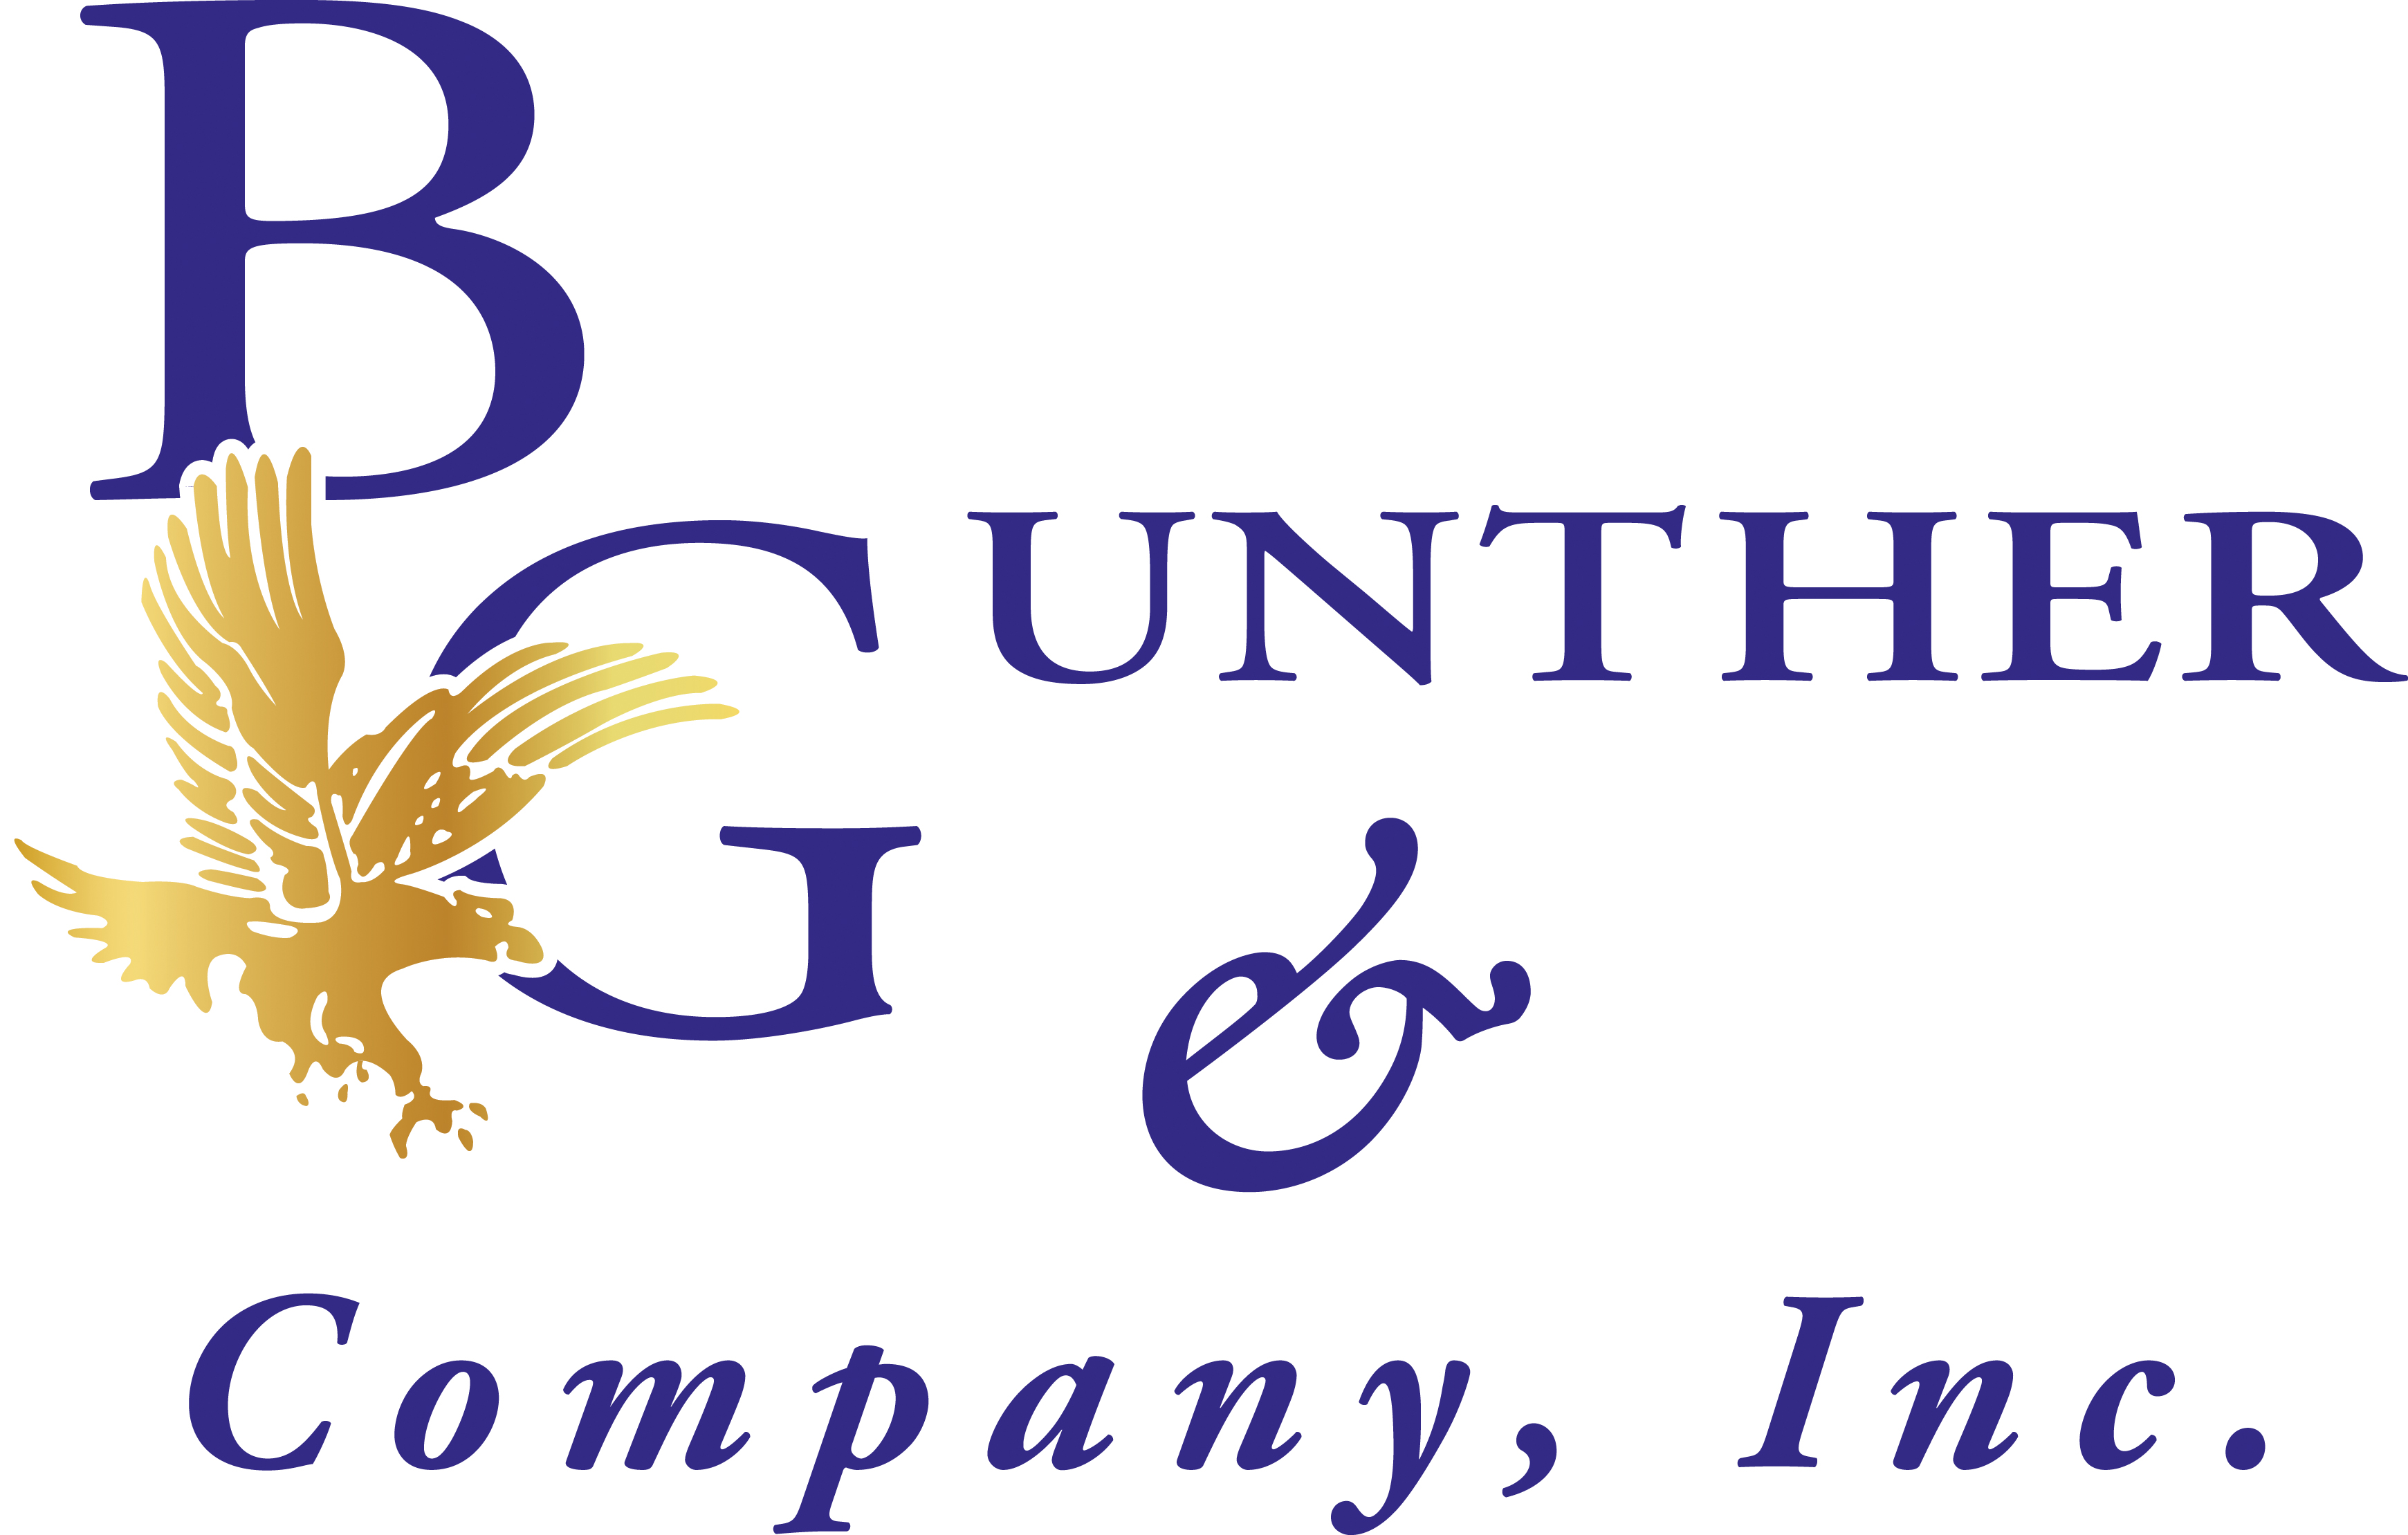 bgunther&company